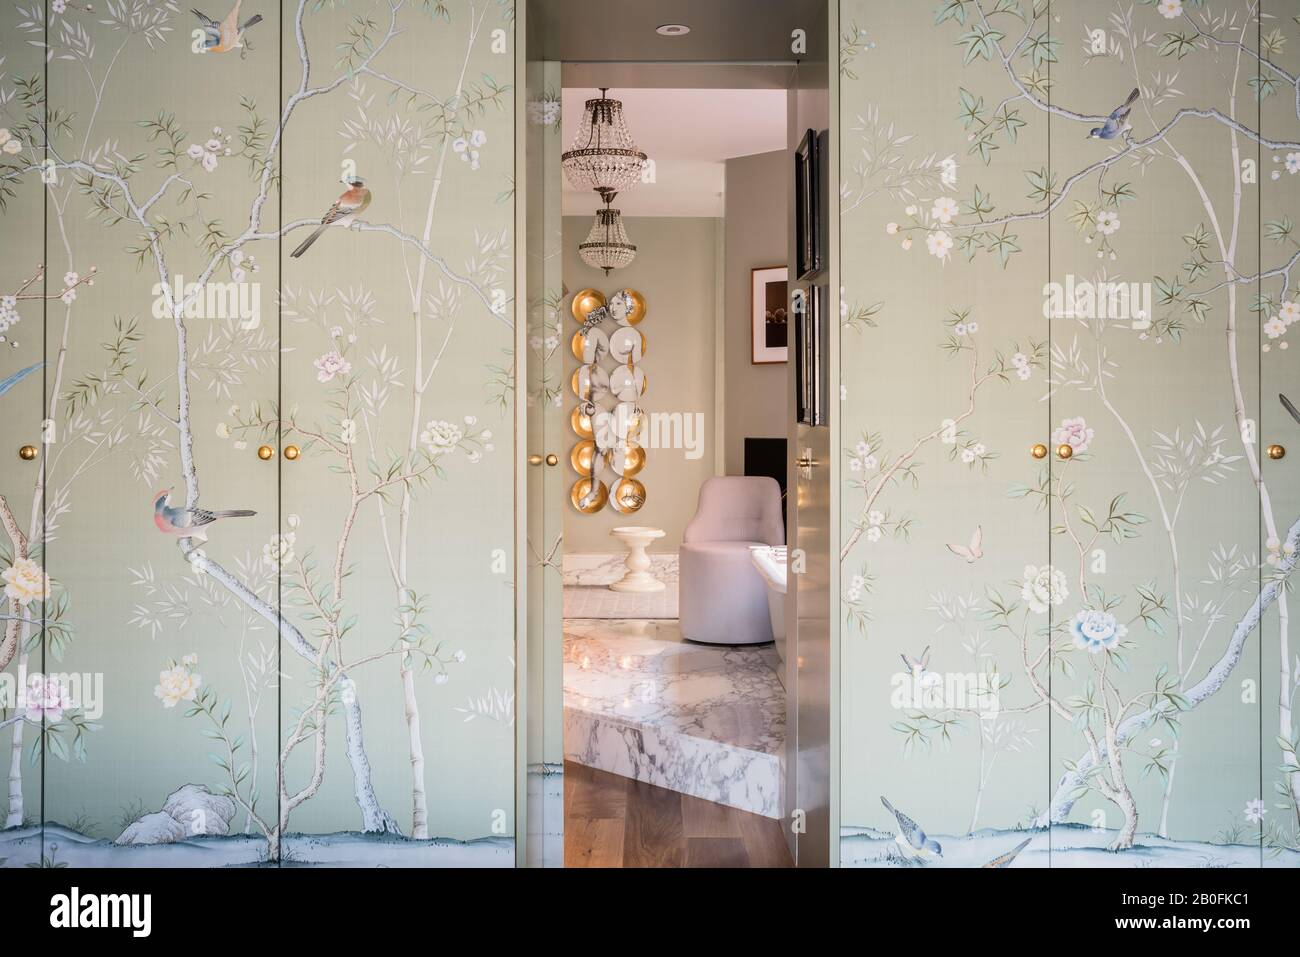 Chinoiserie Wandpapier für garderobentüren. Stockfoto